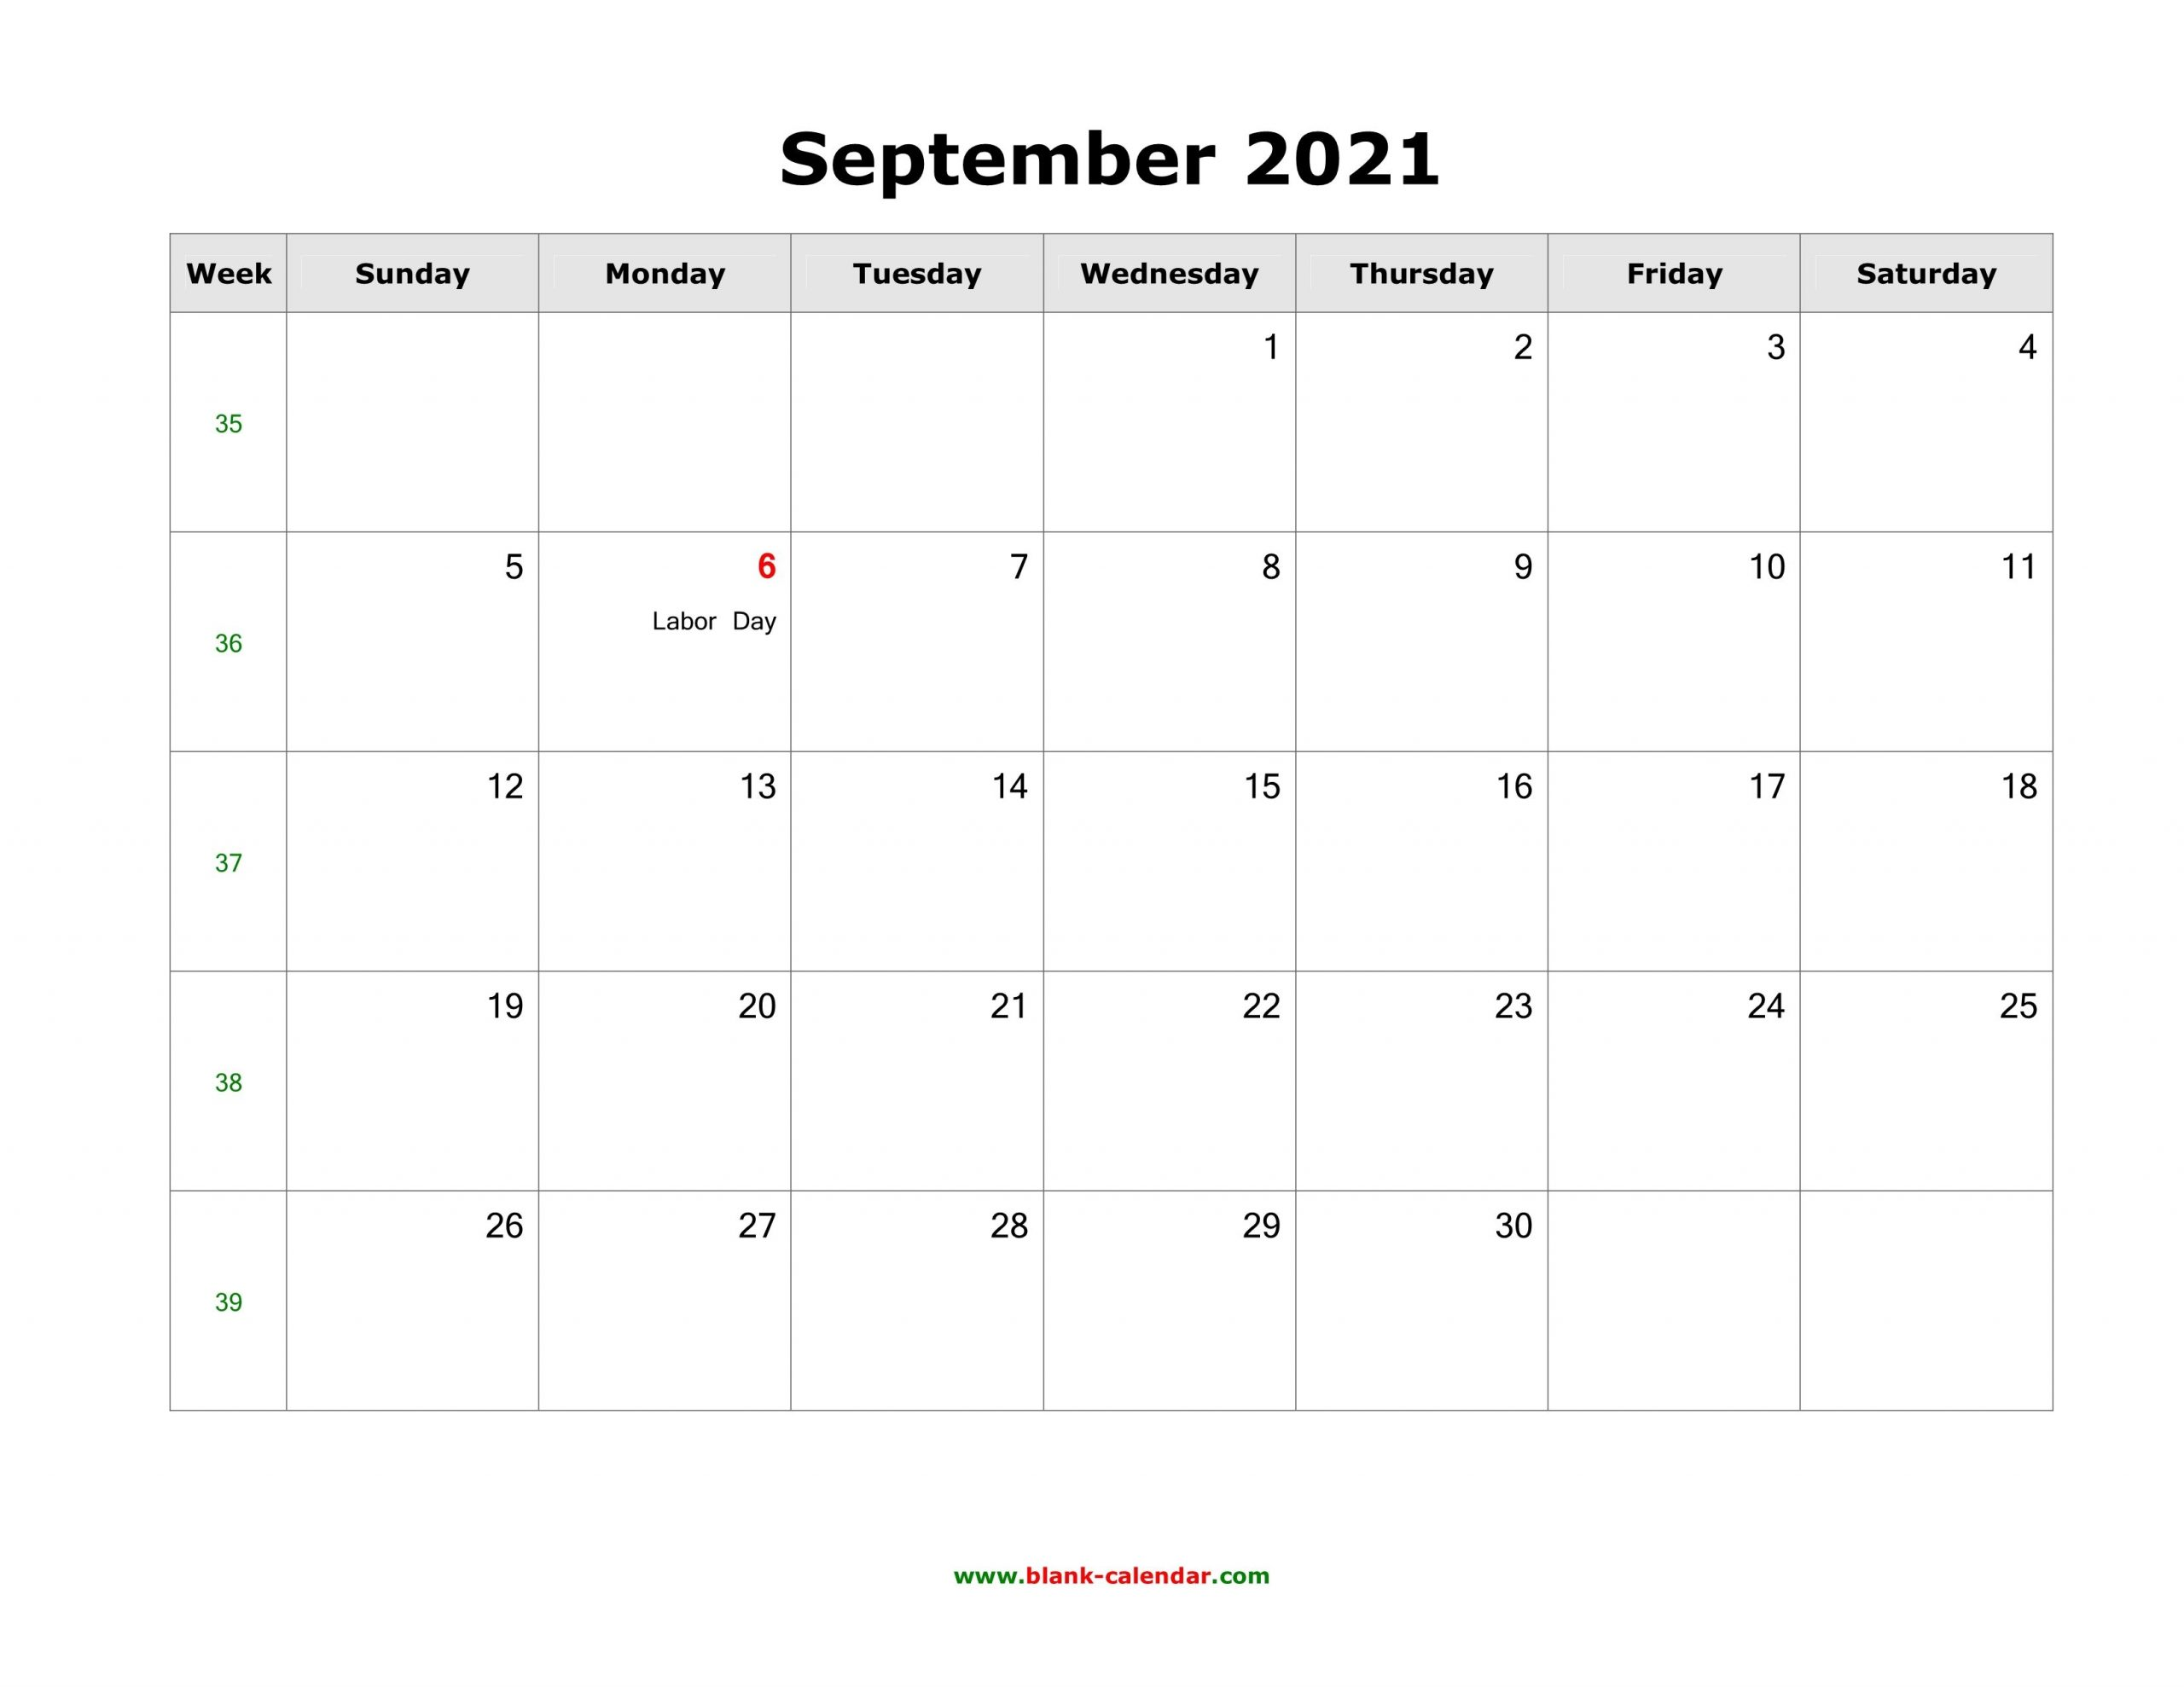 September 2021 Blank Calendar | Free Download Calendar Templates